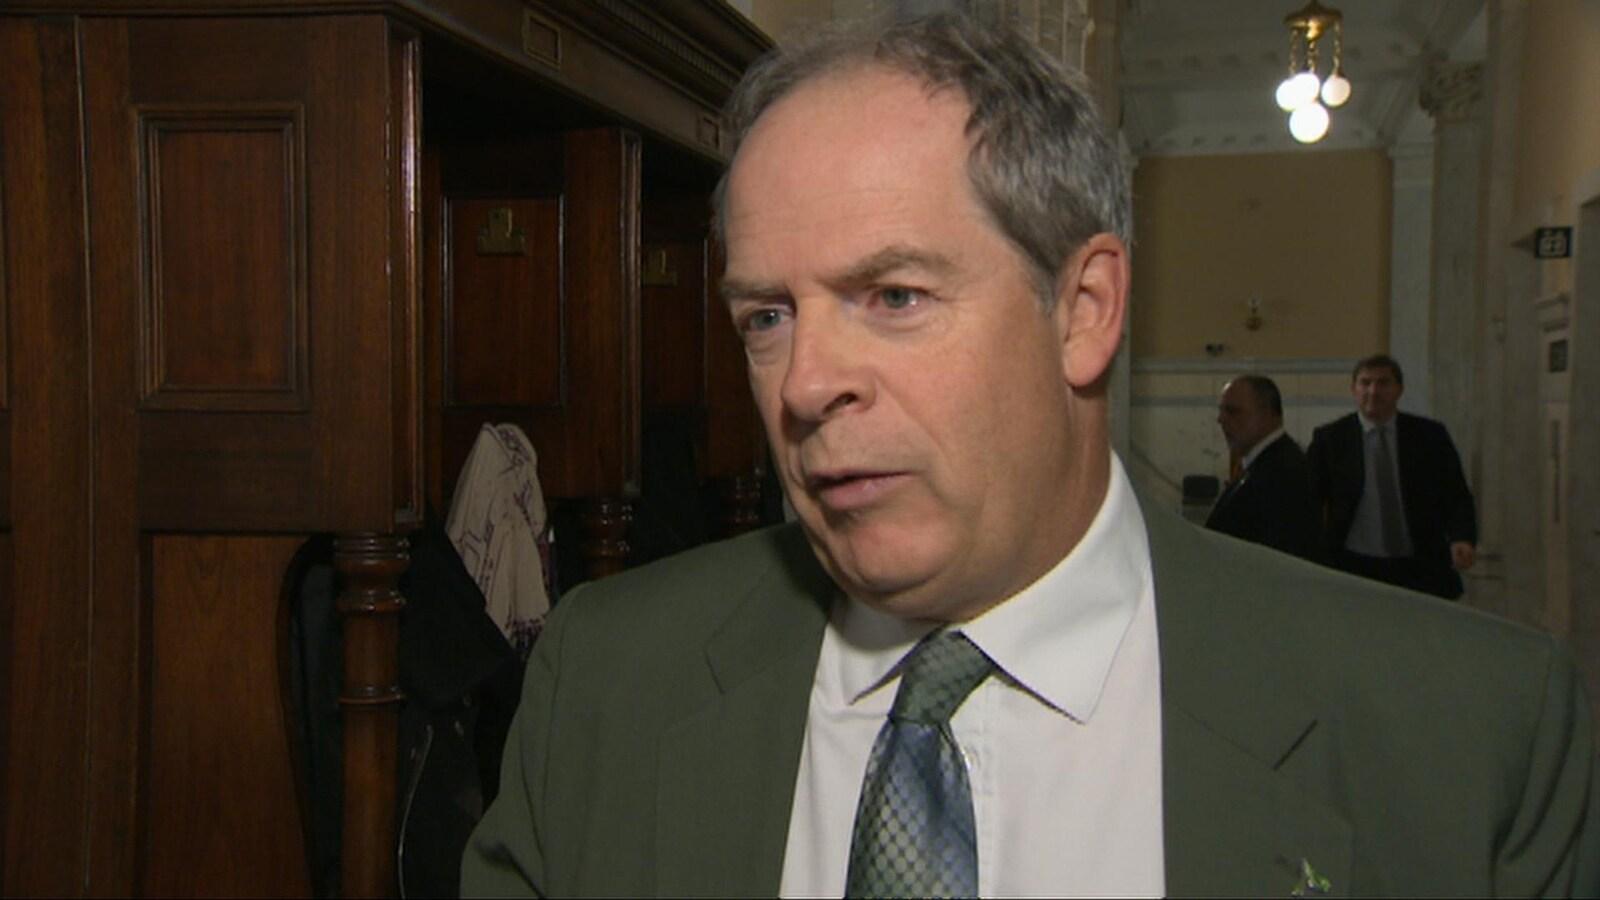 Un homme avec une cravate et un veston.